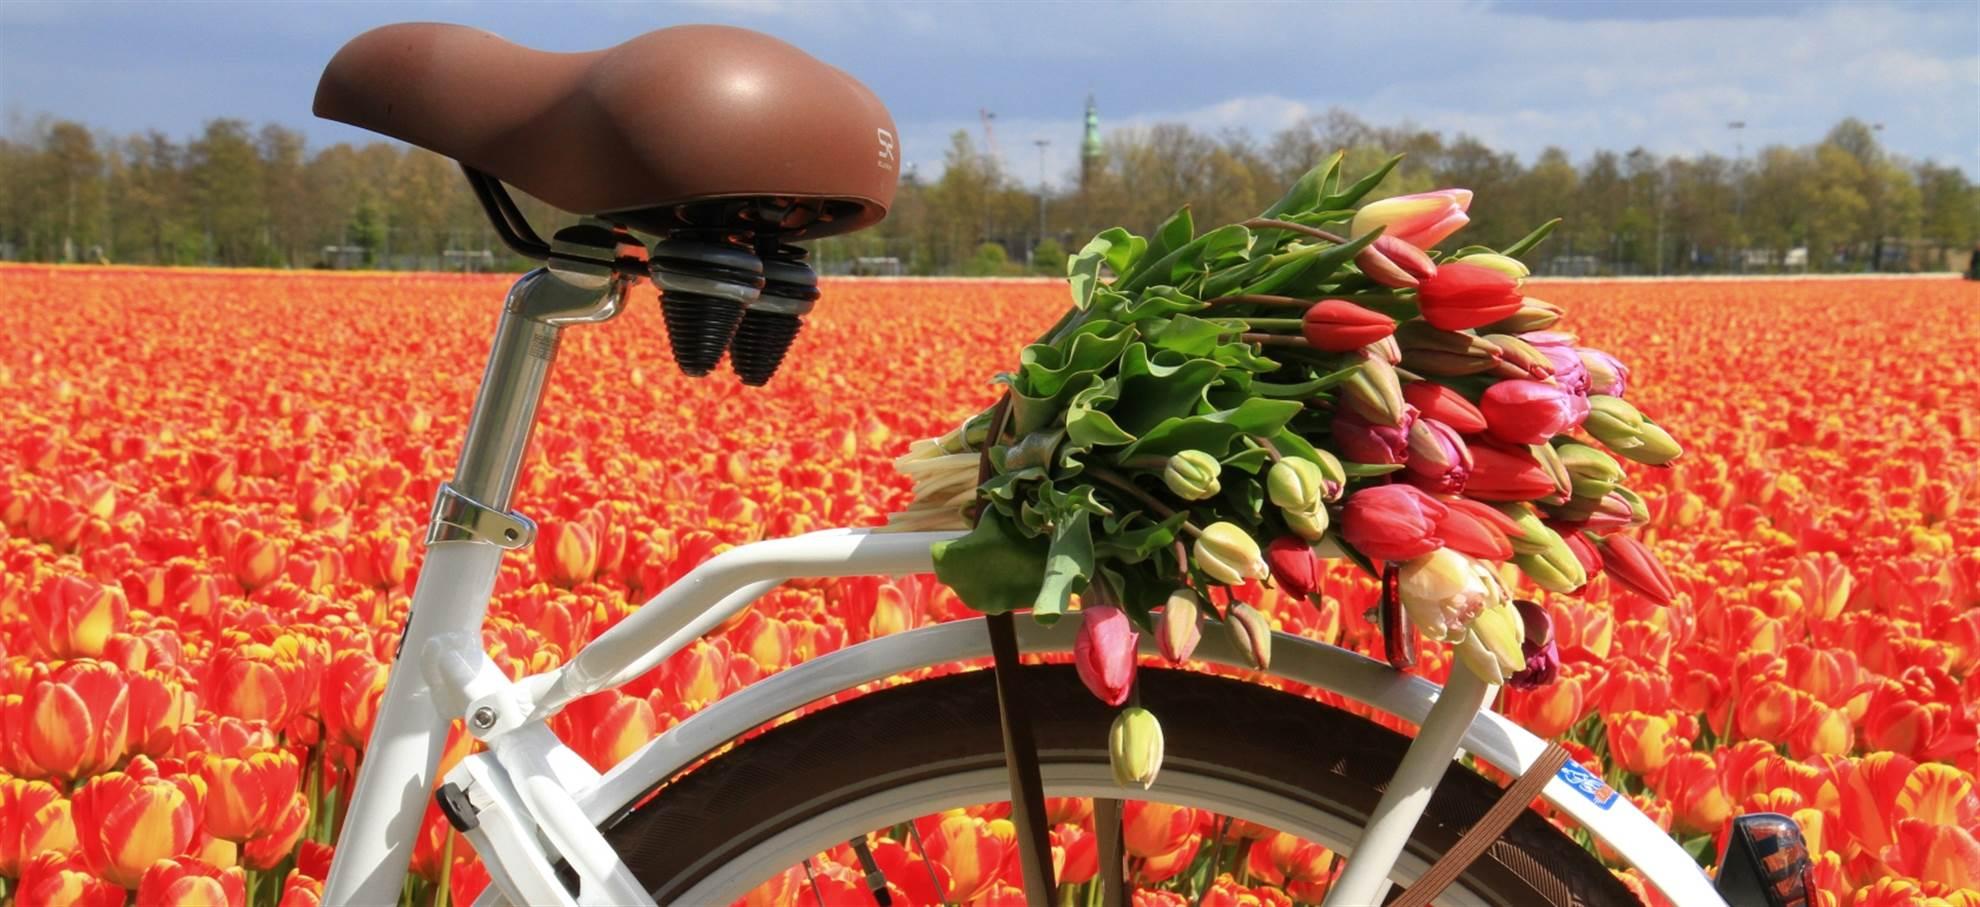 Alquiler de bicicletas en Lisse (Keukenhof) + Audioguía Flowerfield